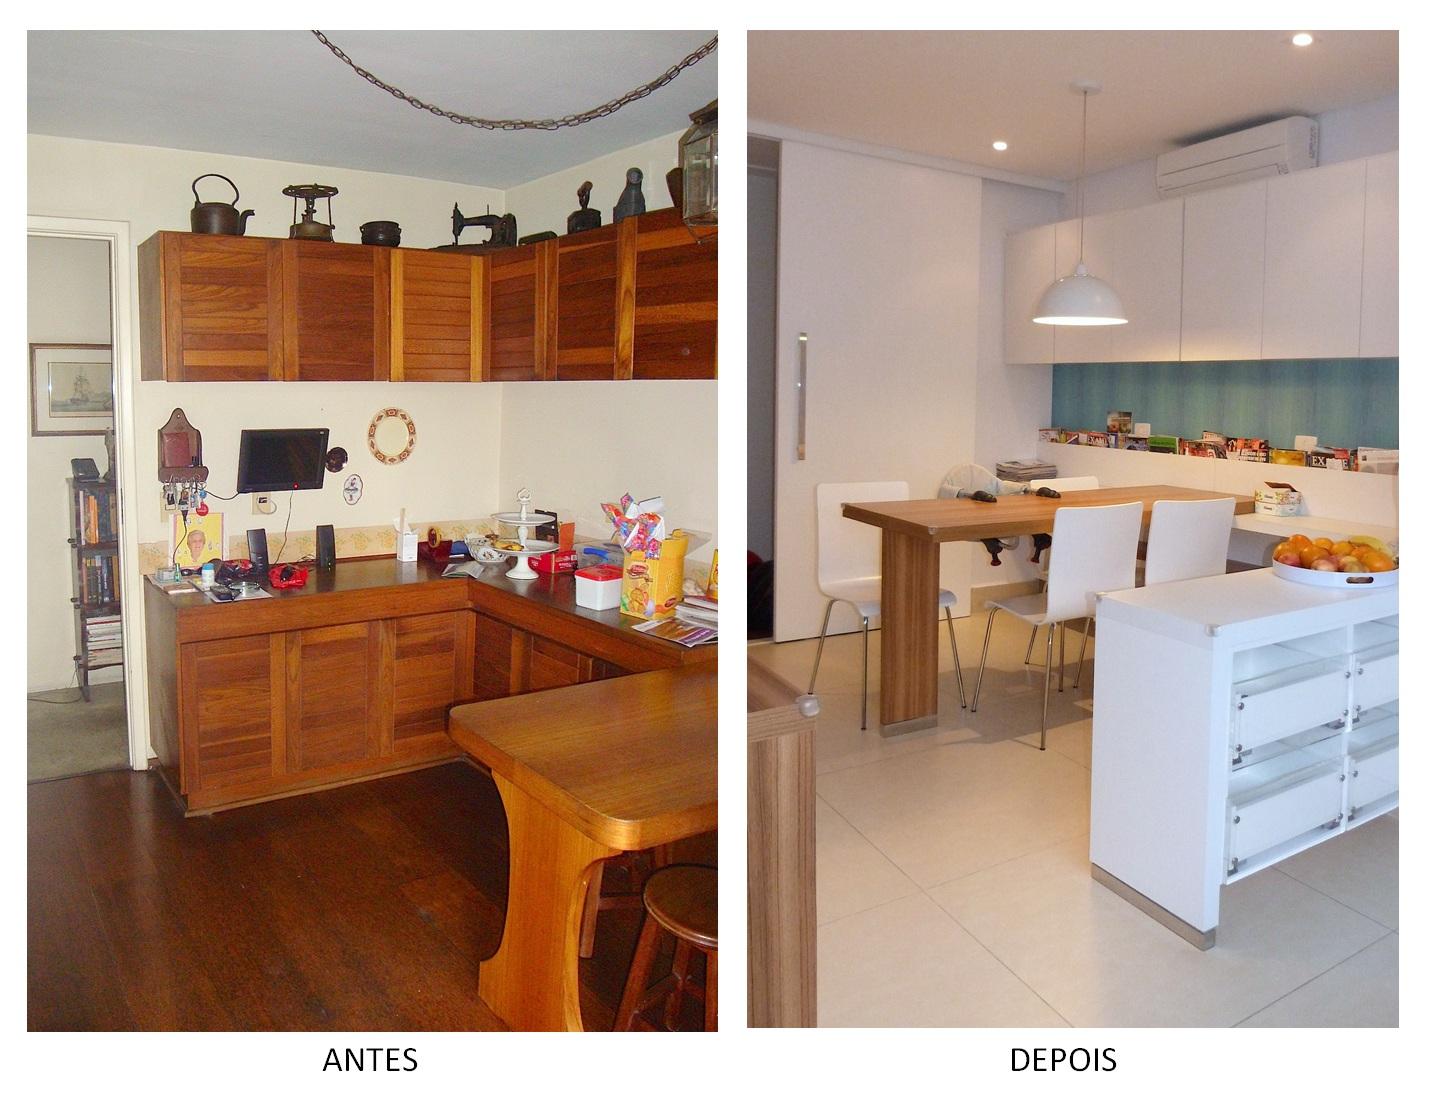 Antes e depois apartamento repaginado no itaim - Reformas de apartamentos ...